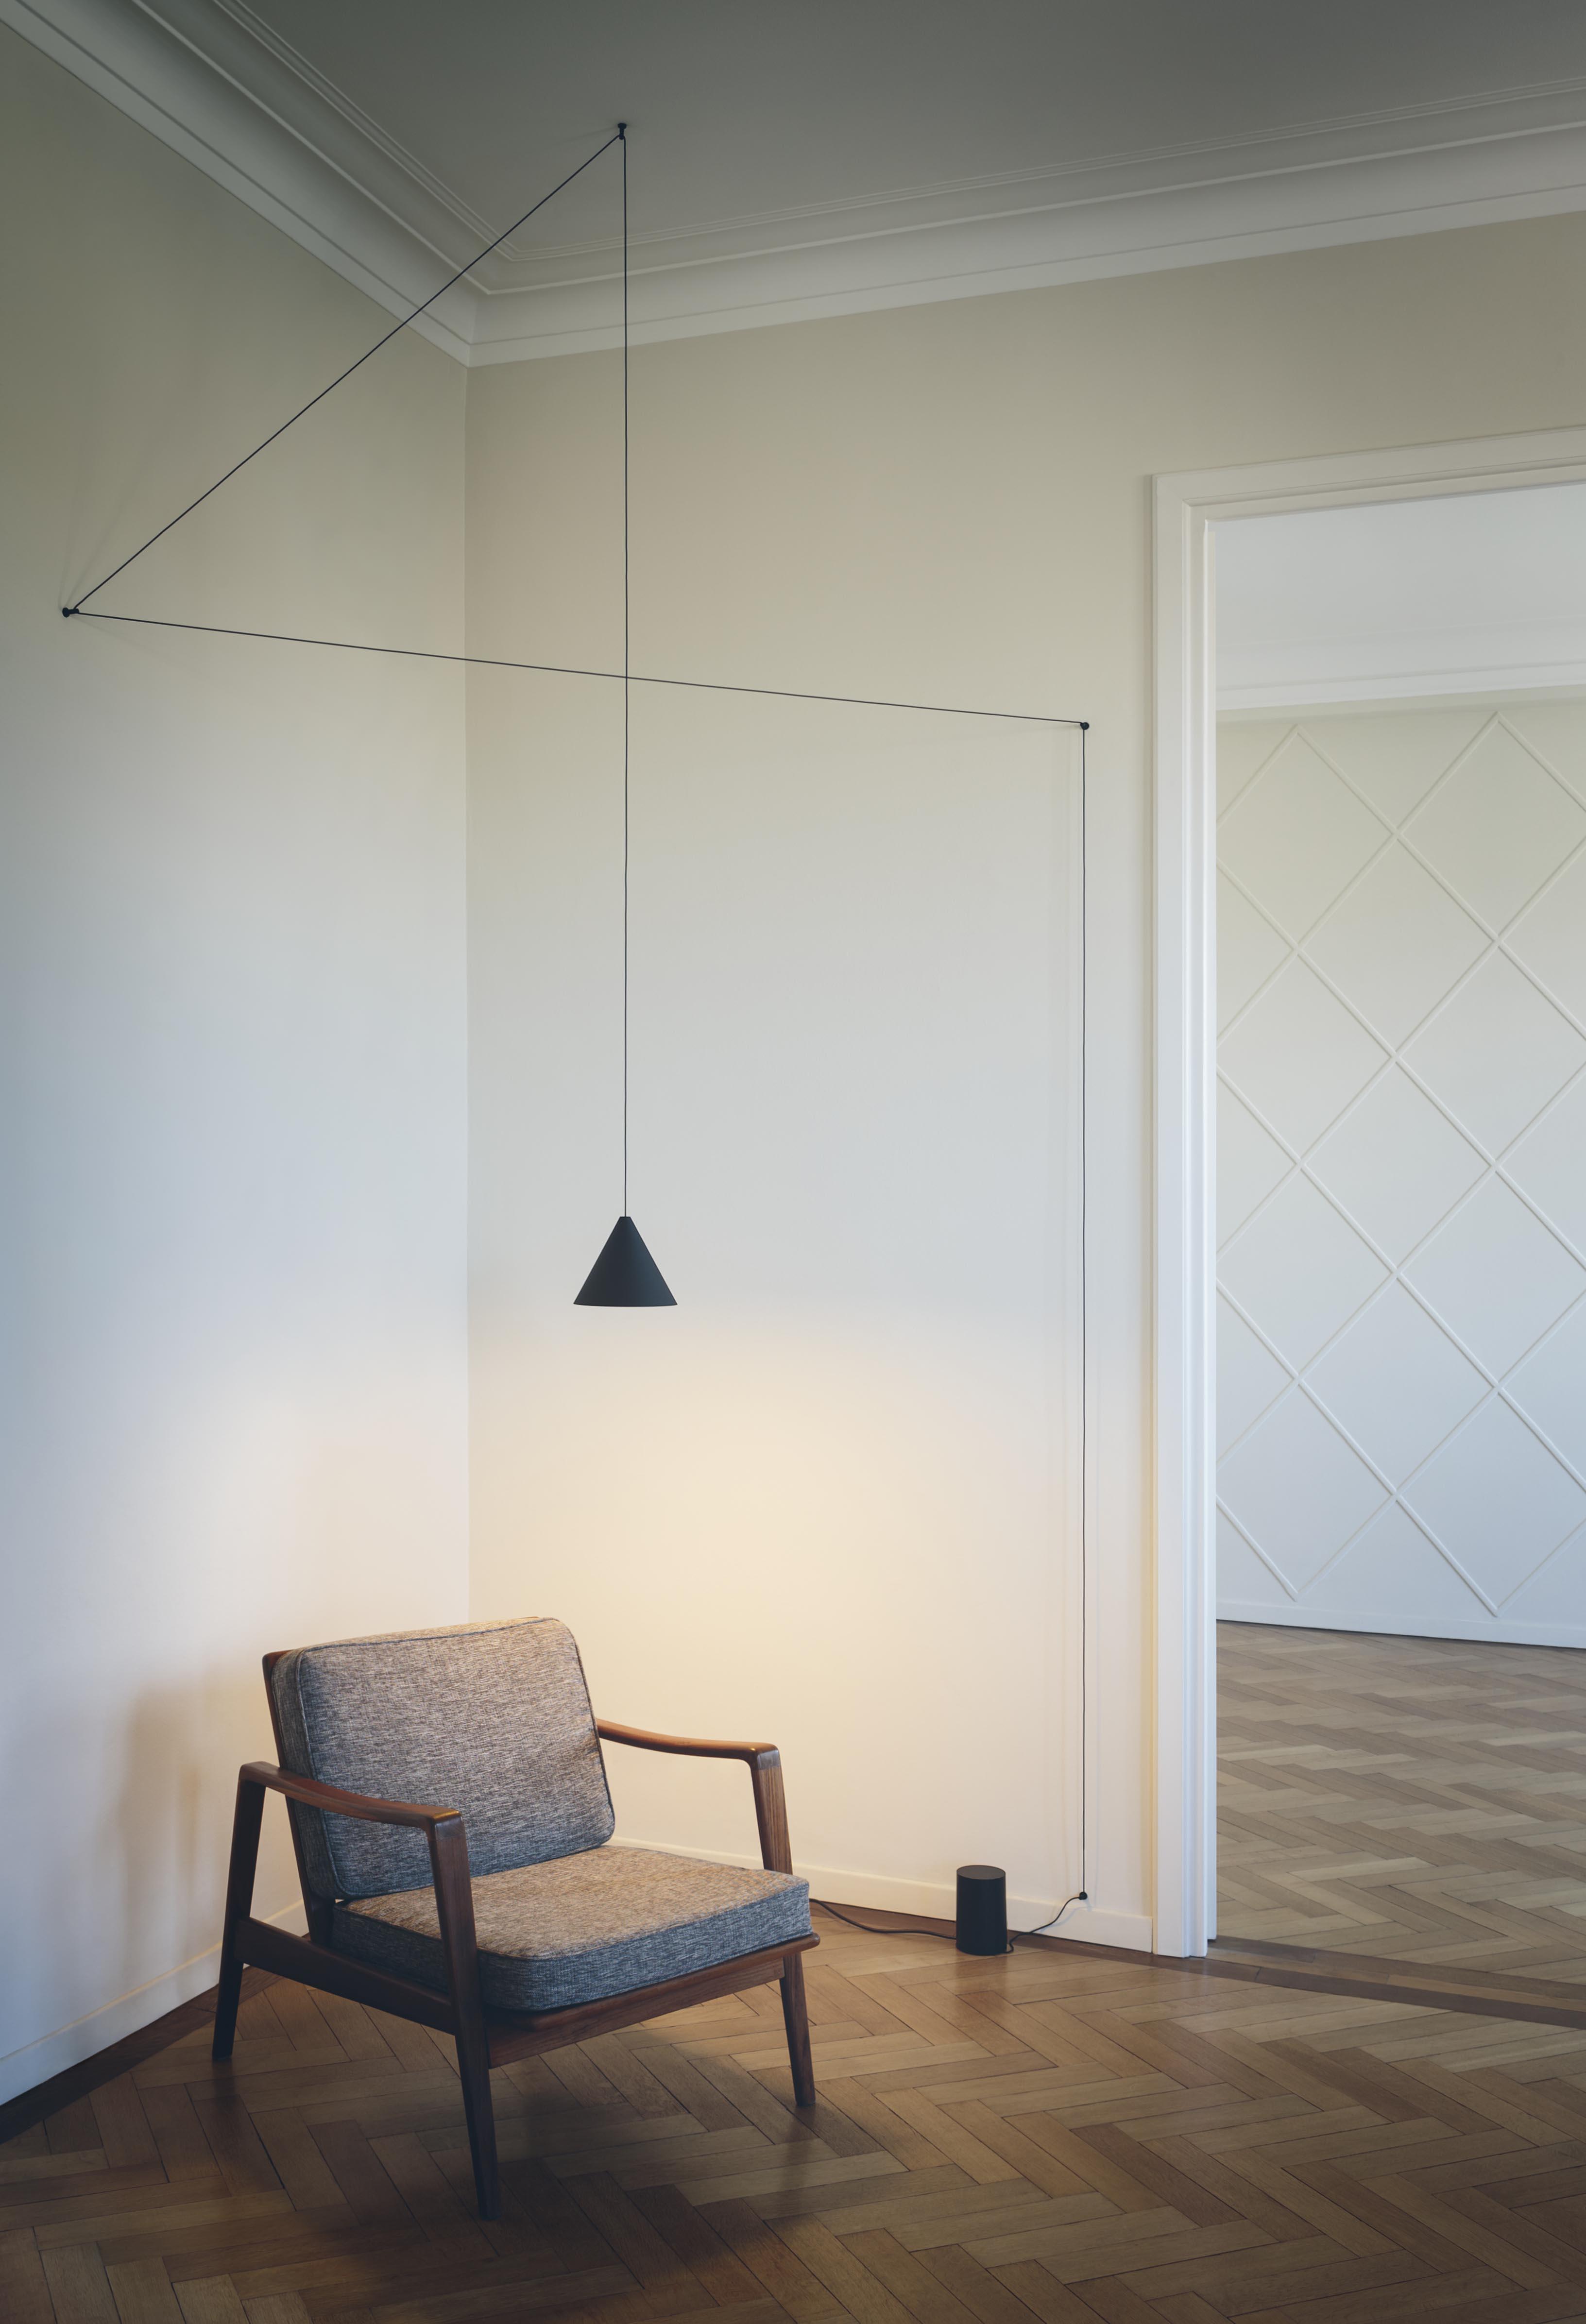 لامپ فلاس استرینگ